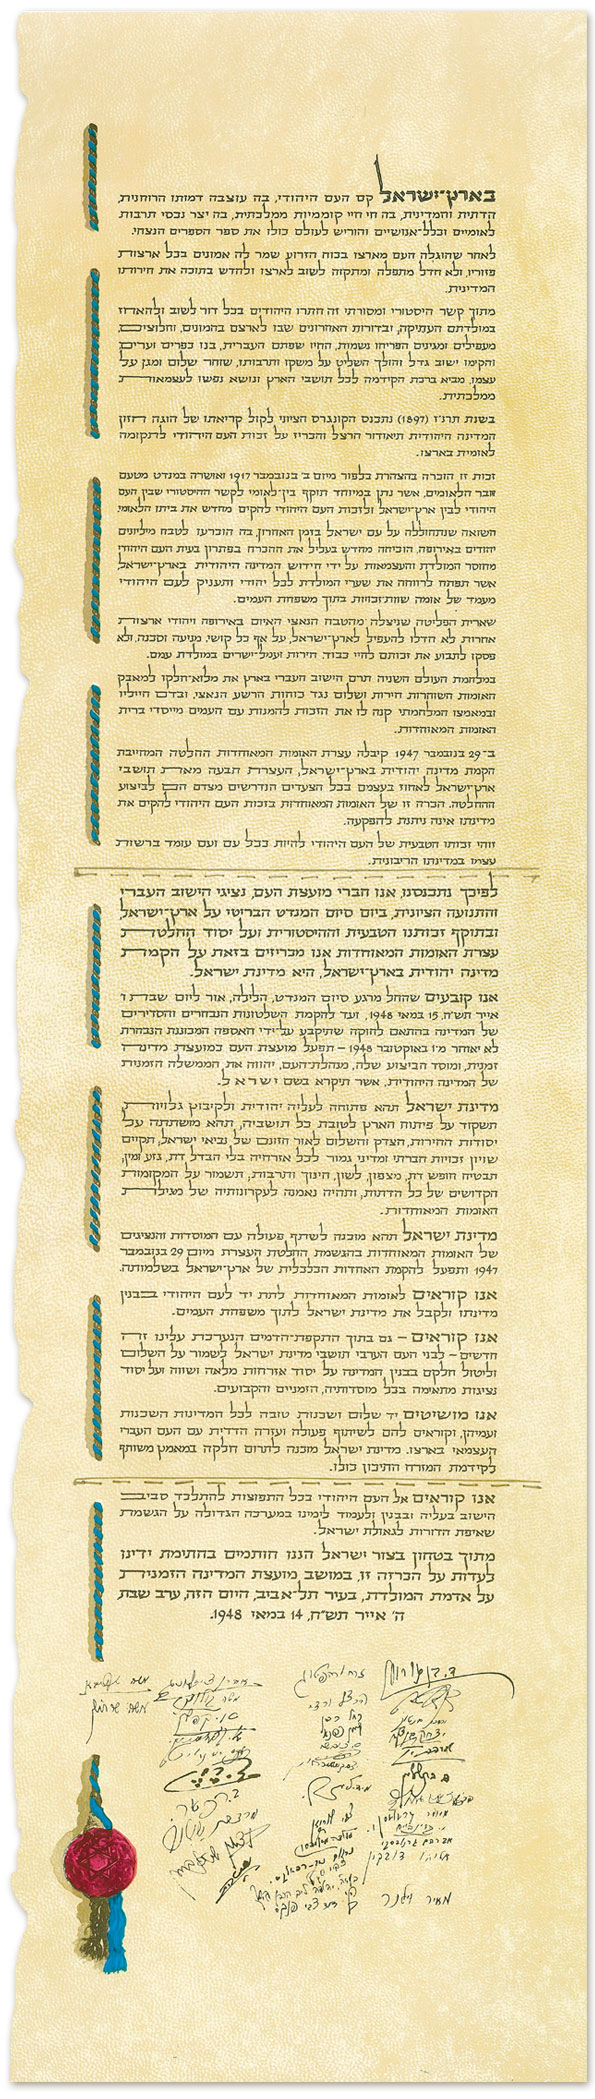 כחול על גבי לבן - 100 מסמכים חשובים בתולדות מדינת ישראל